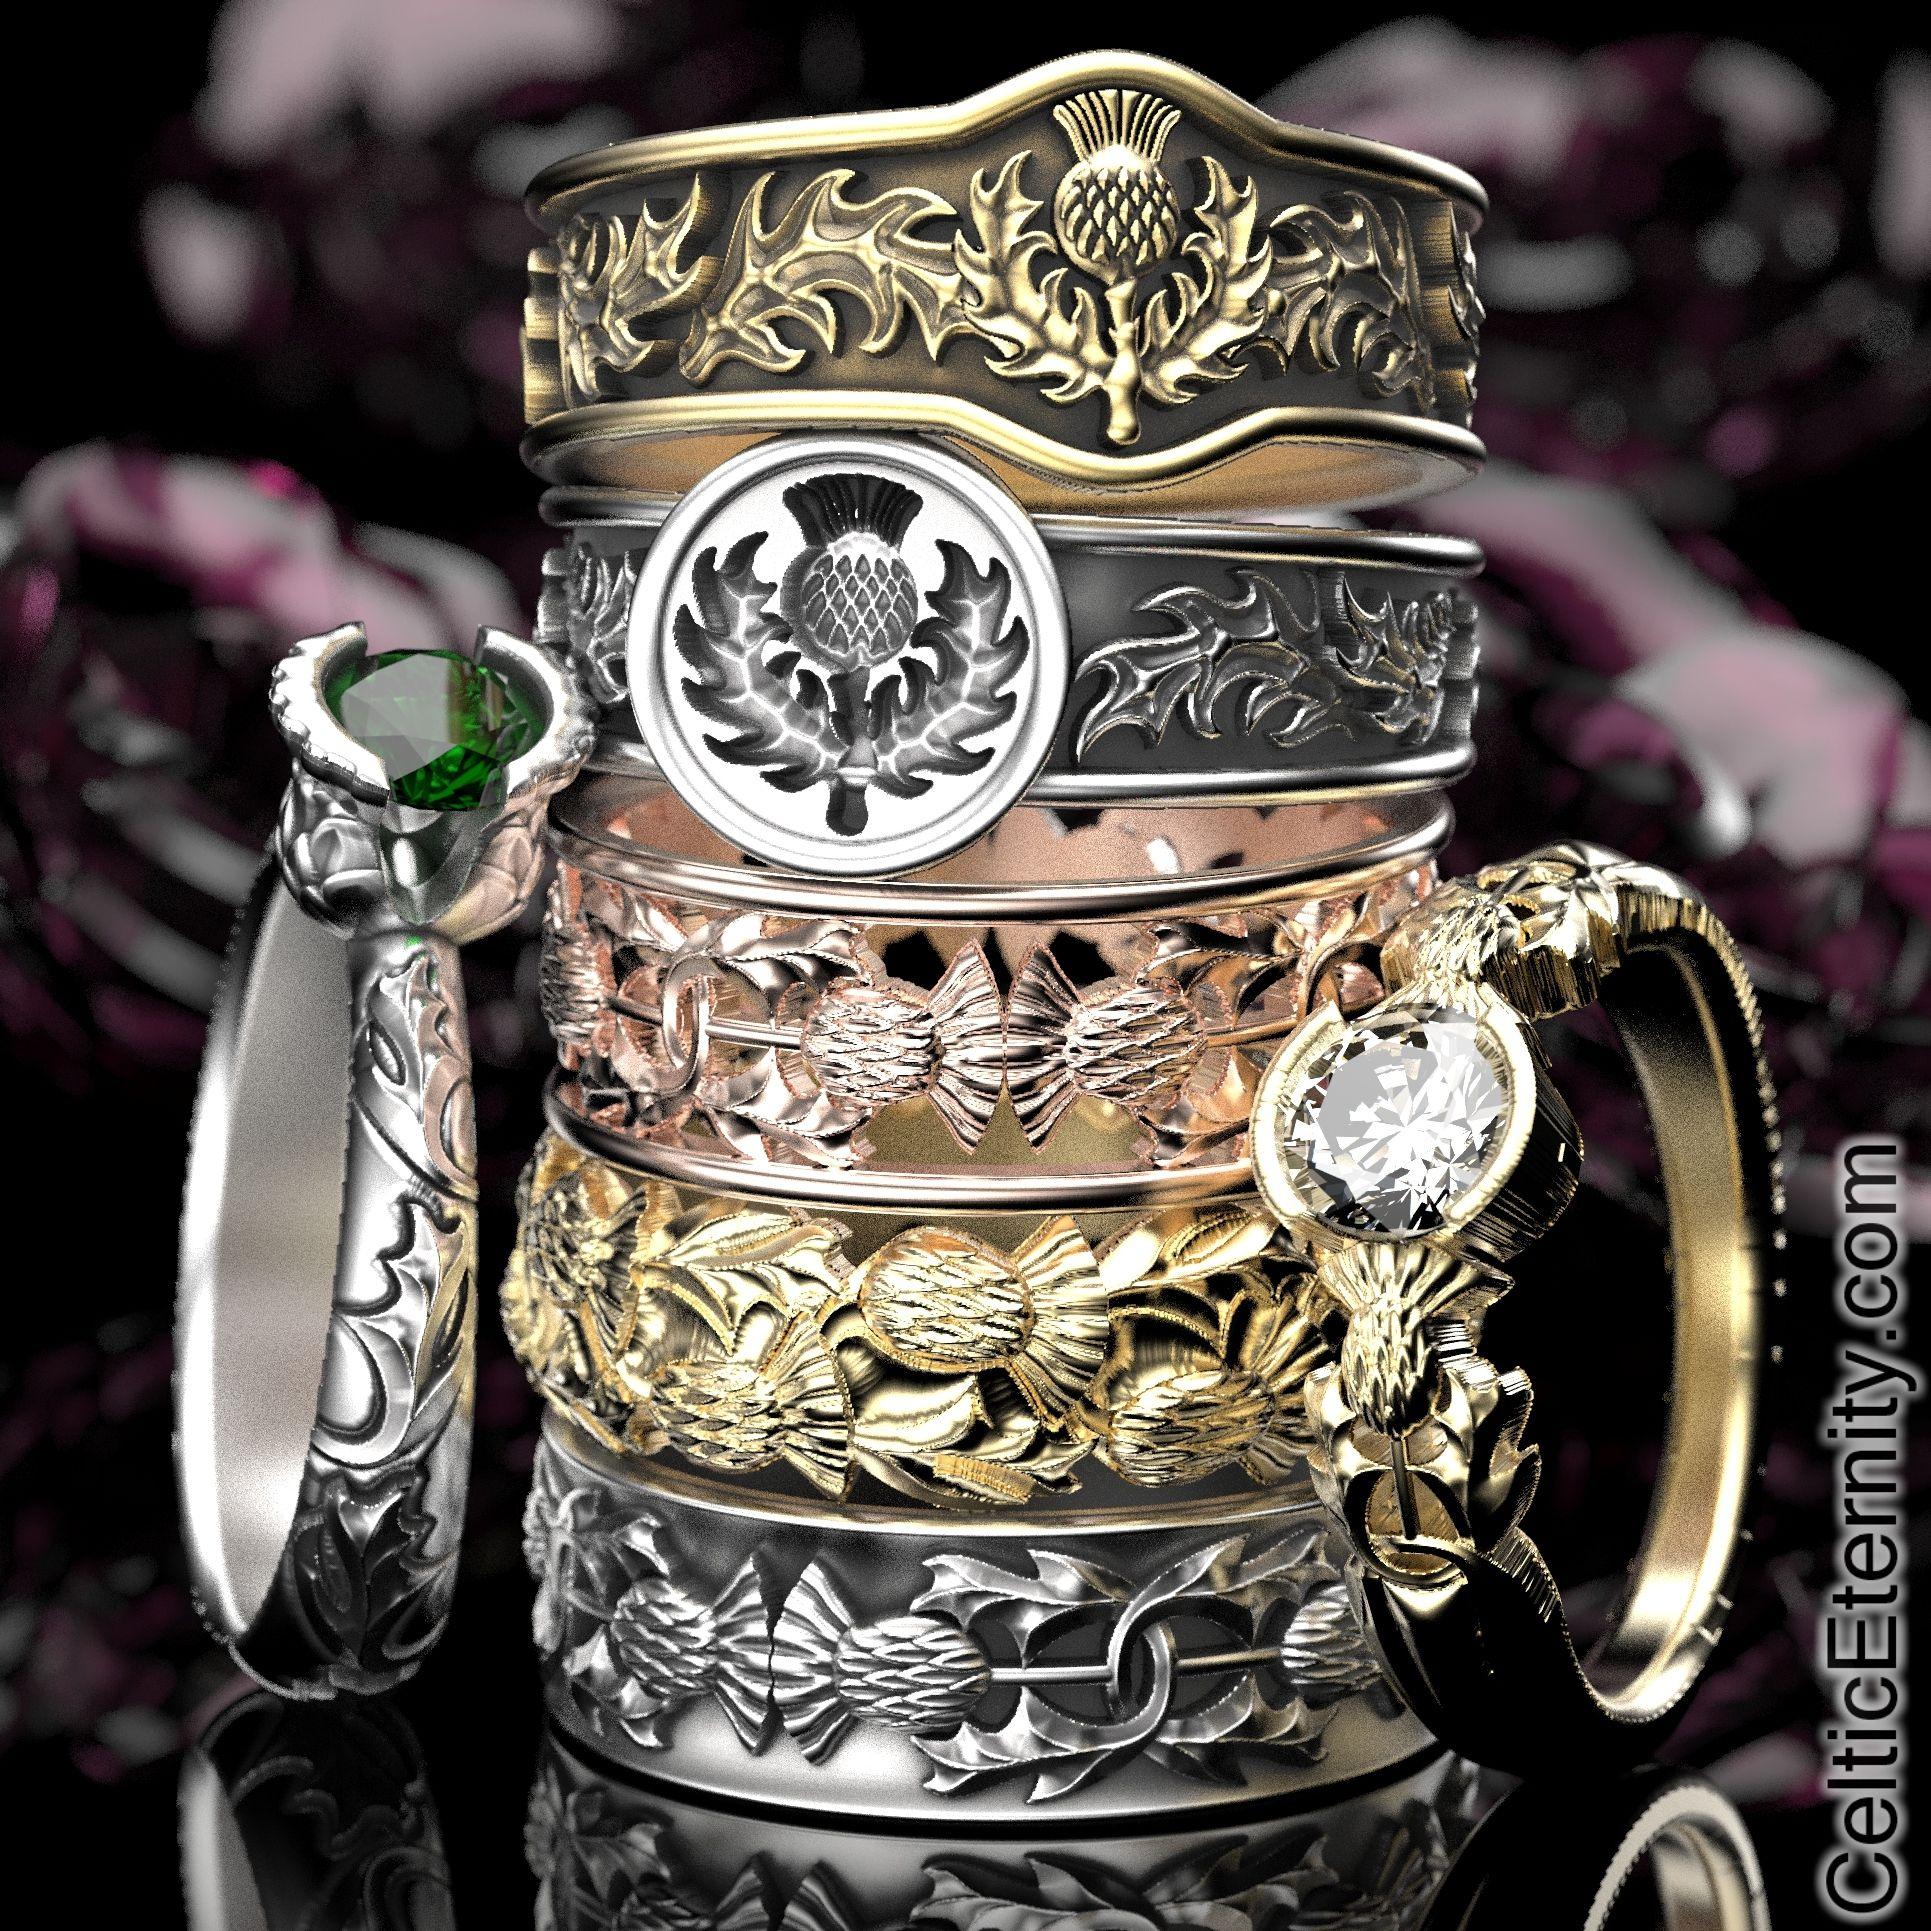 Handmade Scottish Thistle Rings by CelticEternity